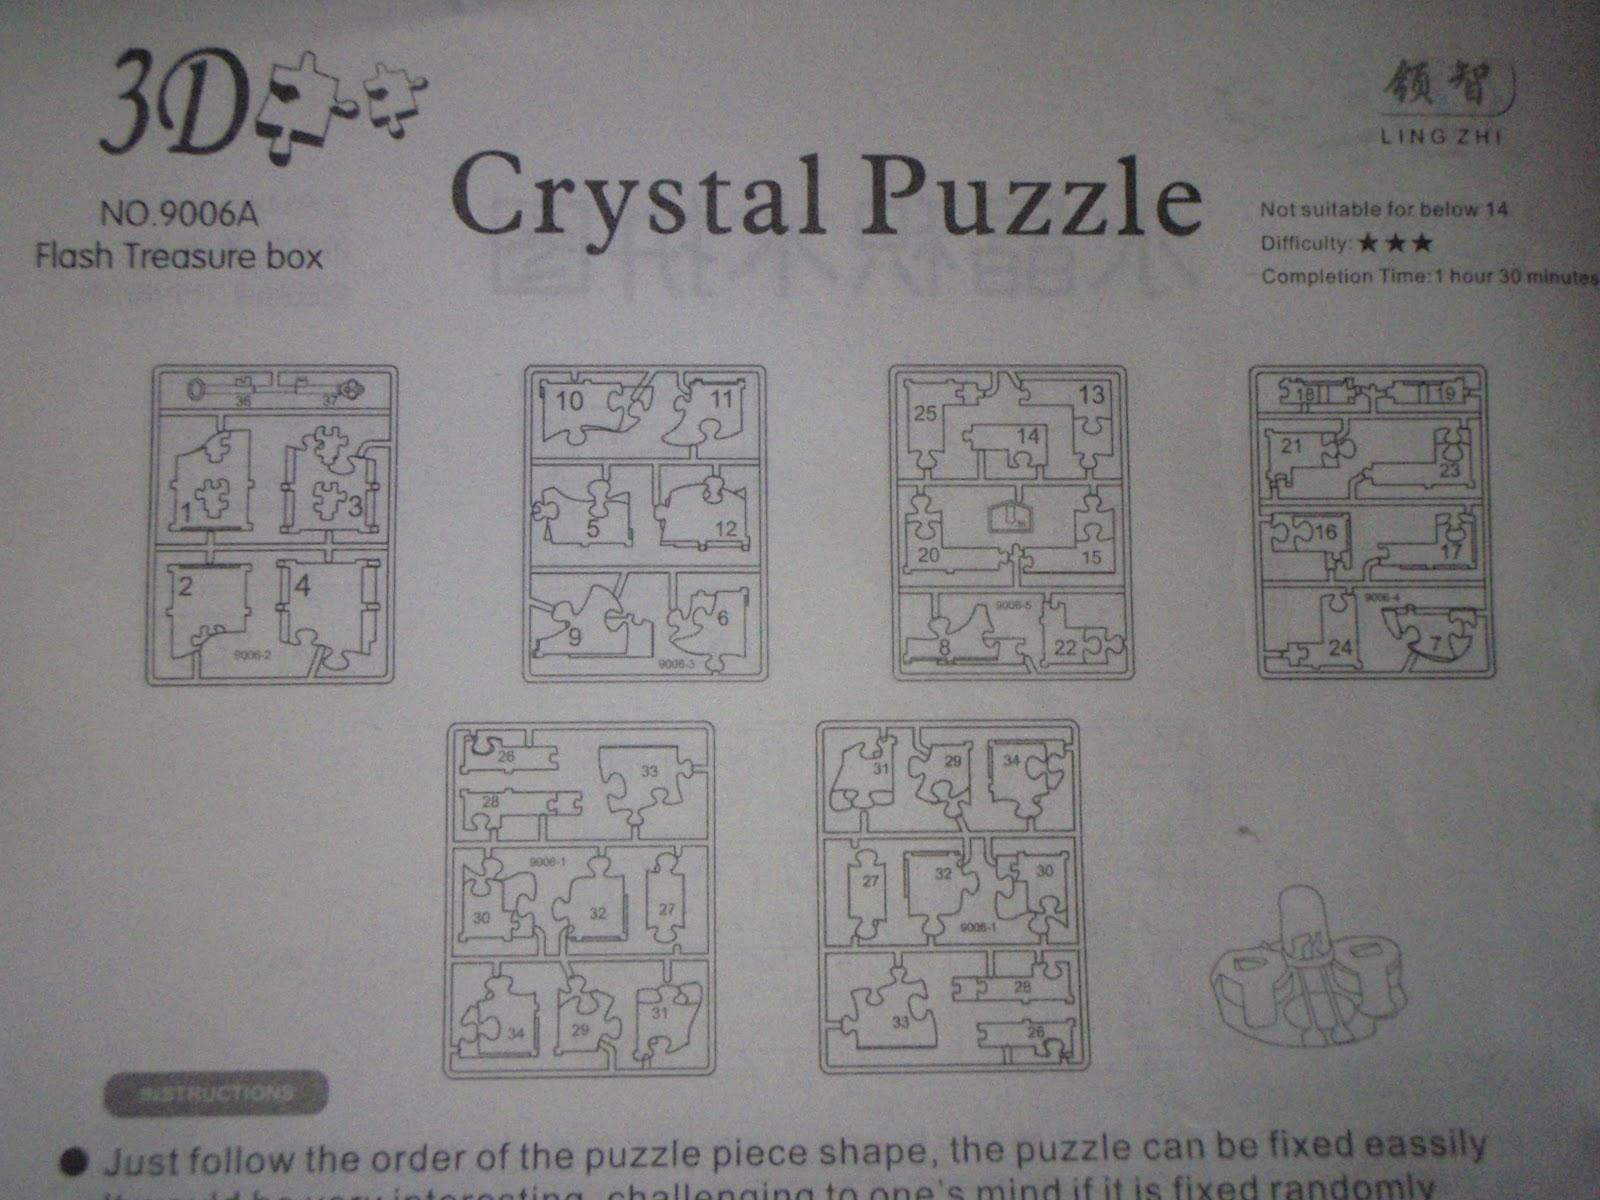 69 Как собирать кристальные пазлы лебедь инструкция поэтапно